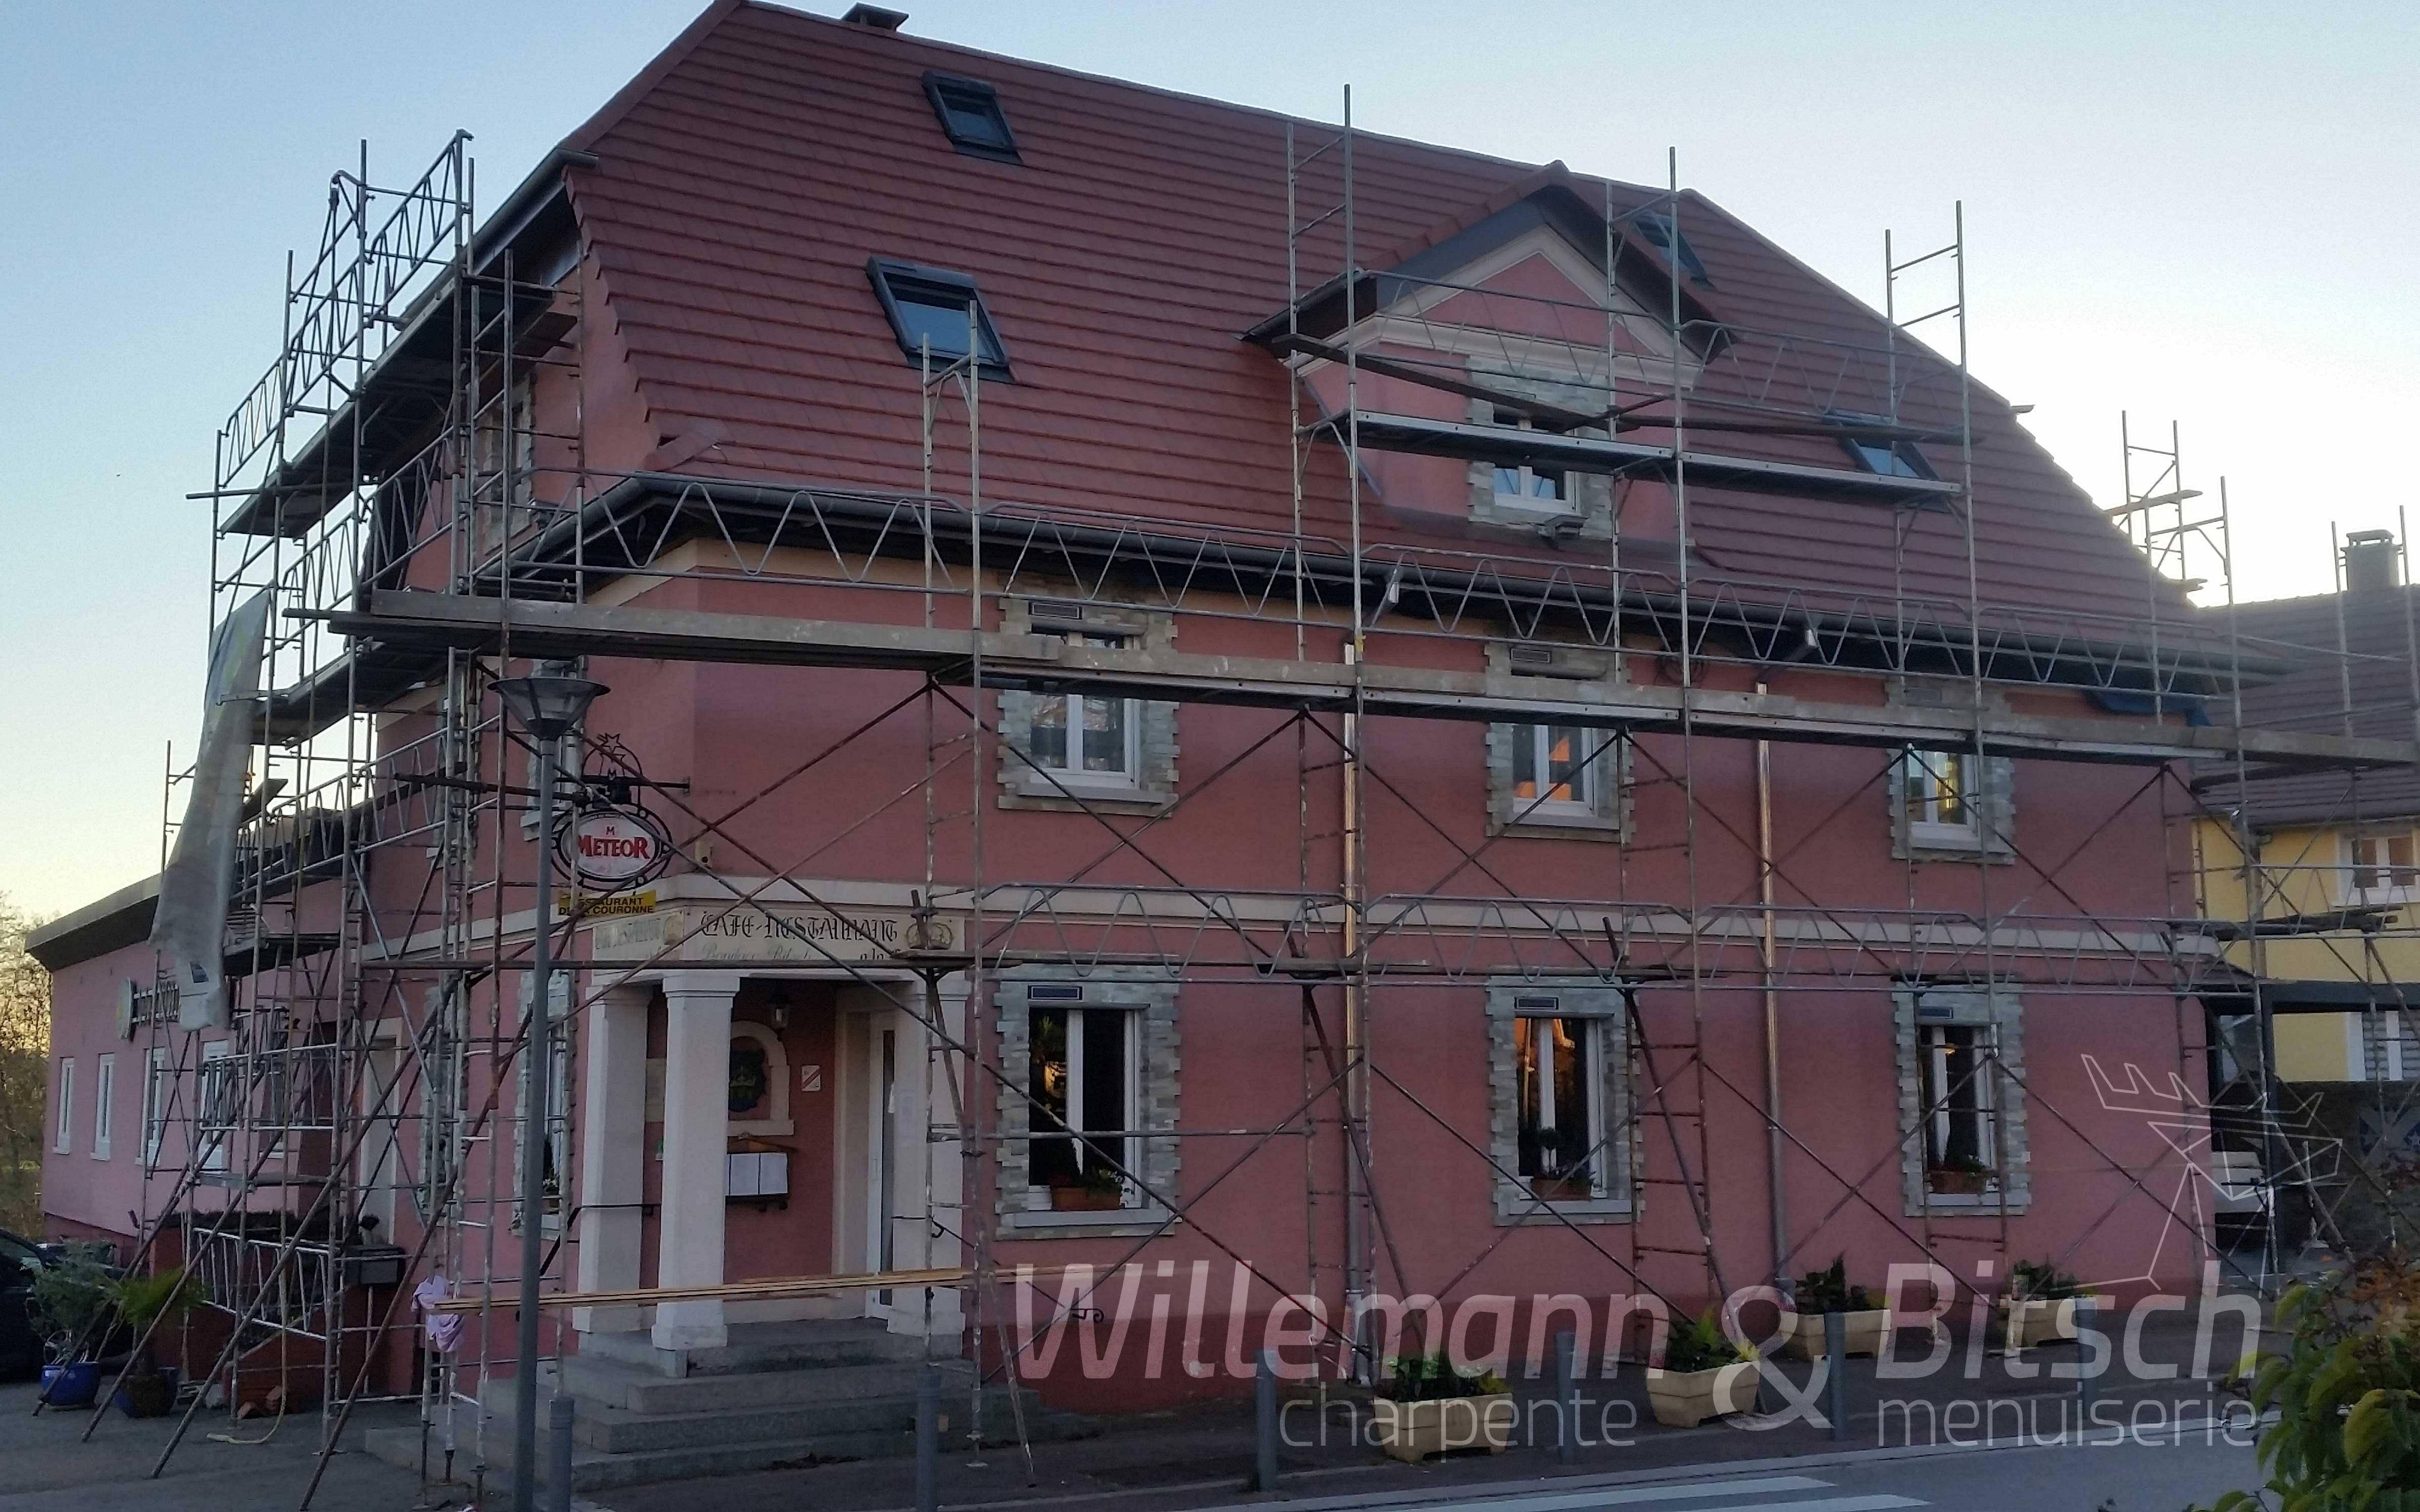 isolation rénovation toit tuile alsace burnhaupt lucarne châssis de toiture